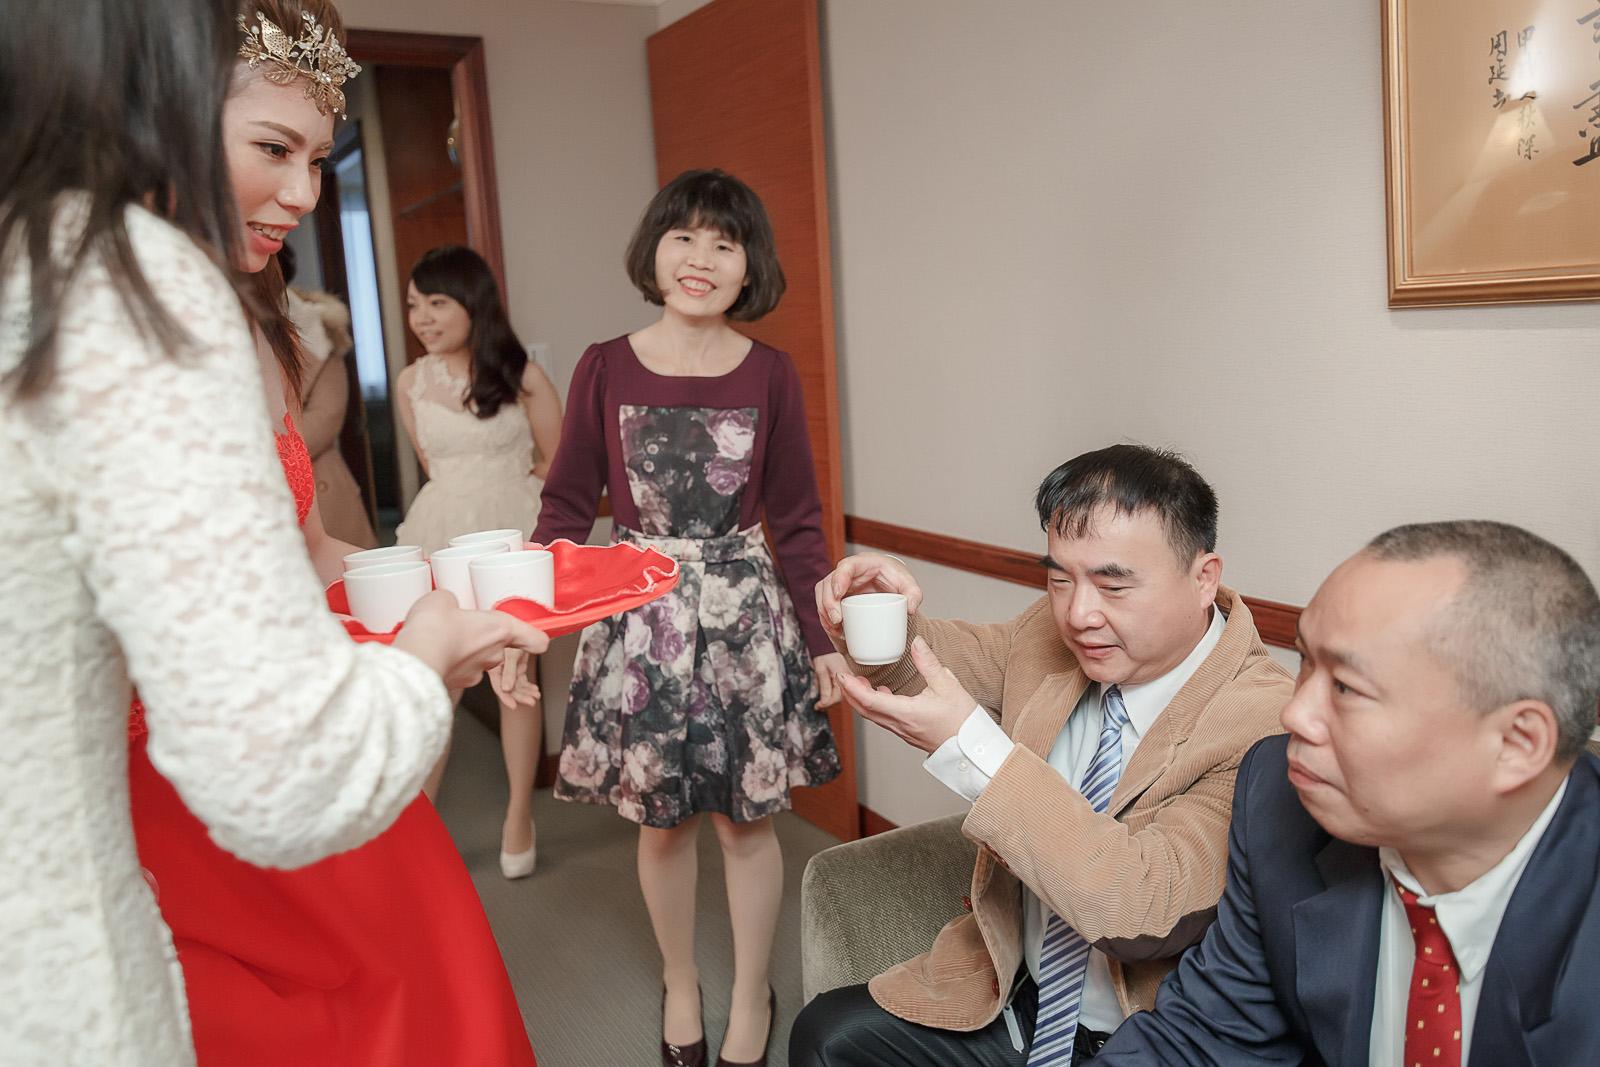 高雄圓山飯店,婚禮攝影,婚攝,高雄婚攝,優質婚攝推薦,Jen&Ethan-020